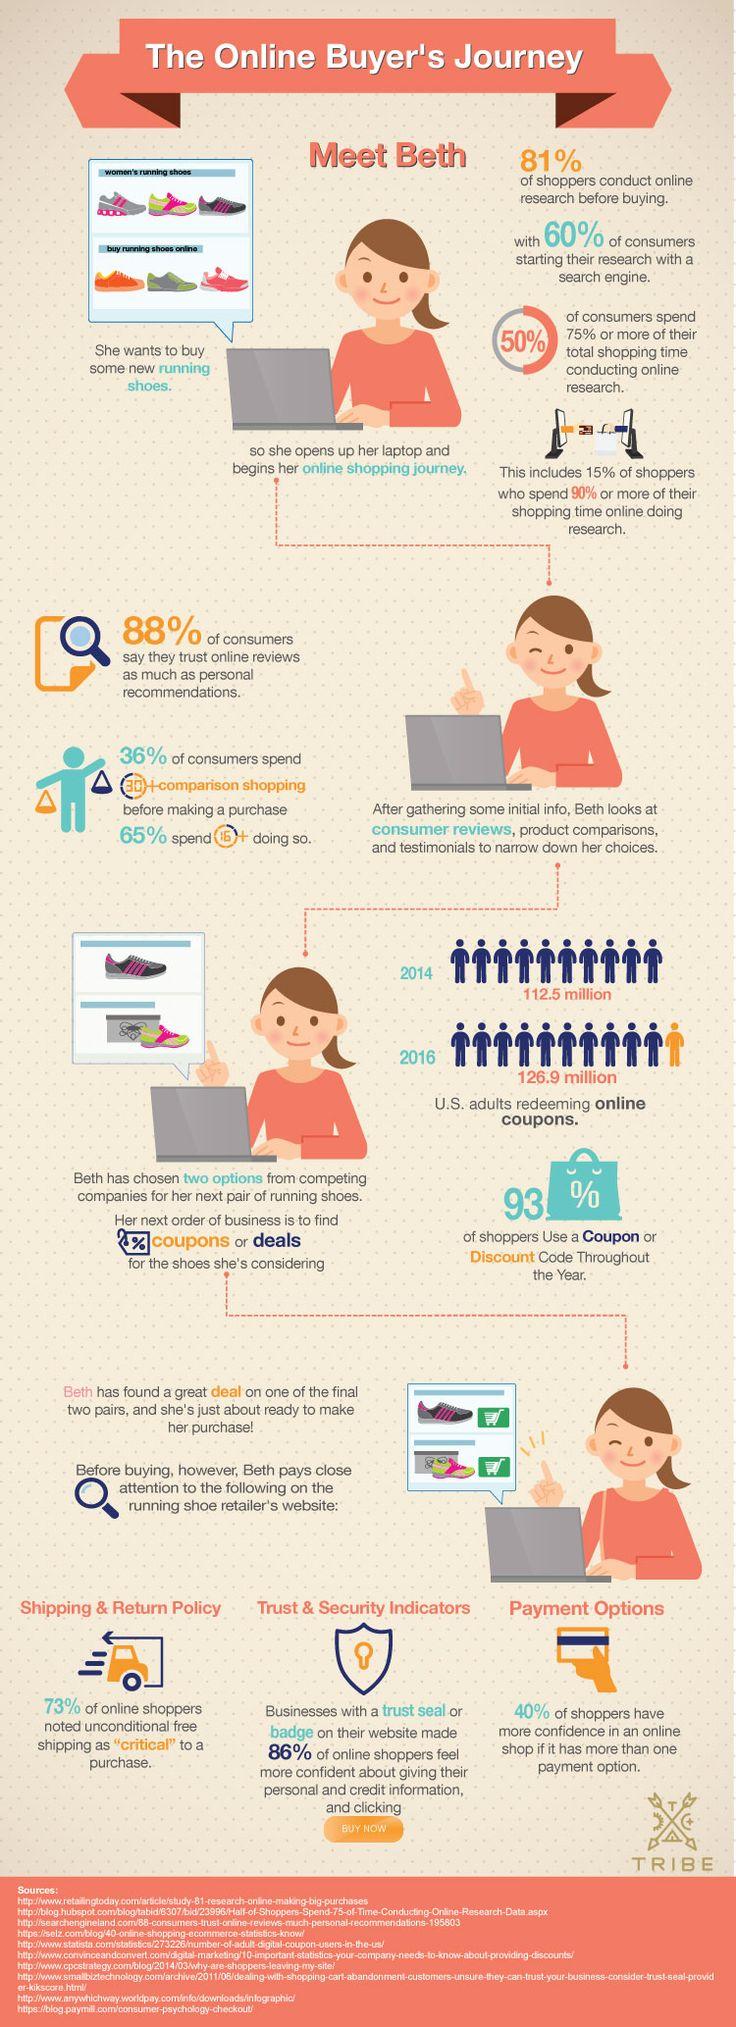 Marketing Blog  The Online Buyer's Journey [infographic]  Sailthru